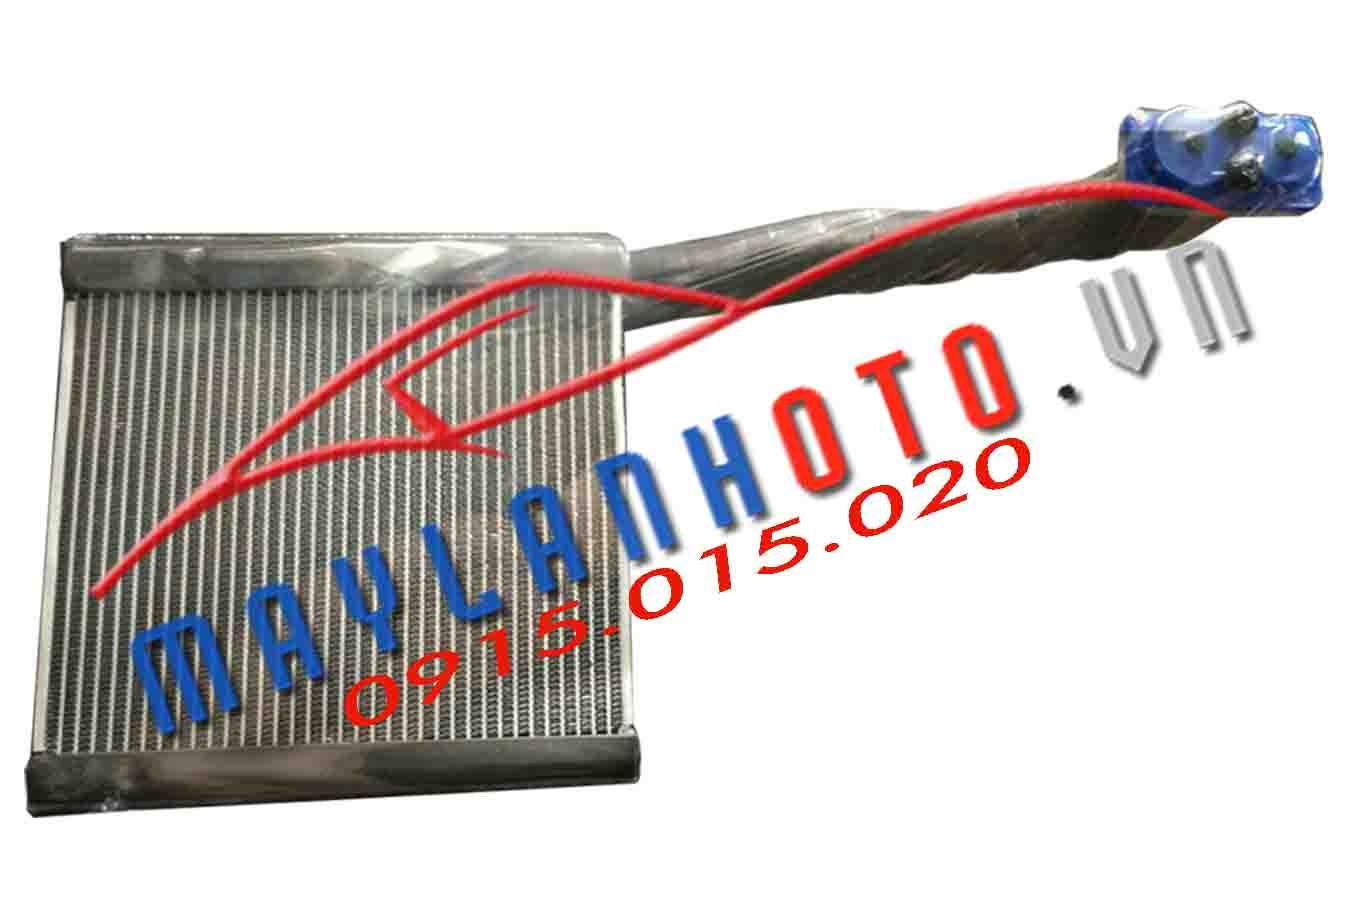 Ranger 13-18 / Dàn lạnh Ford Ranger 2013-2018/ Giàn lạnh Ford Ranger 2013-2018